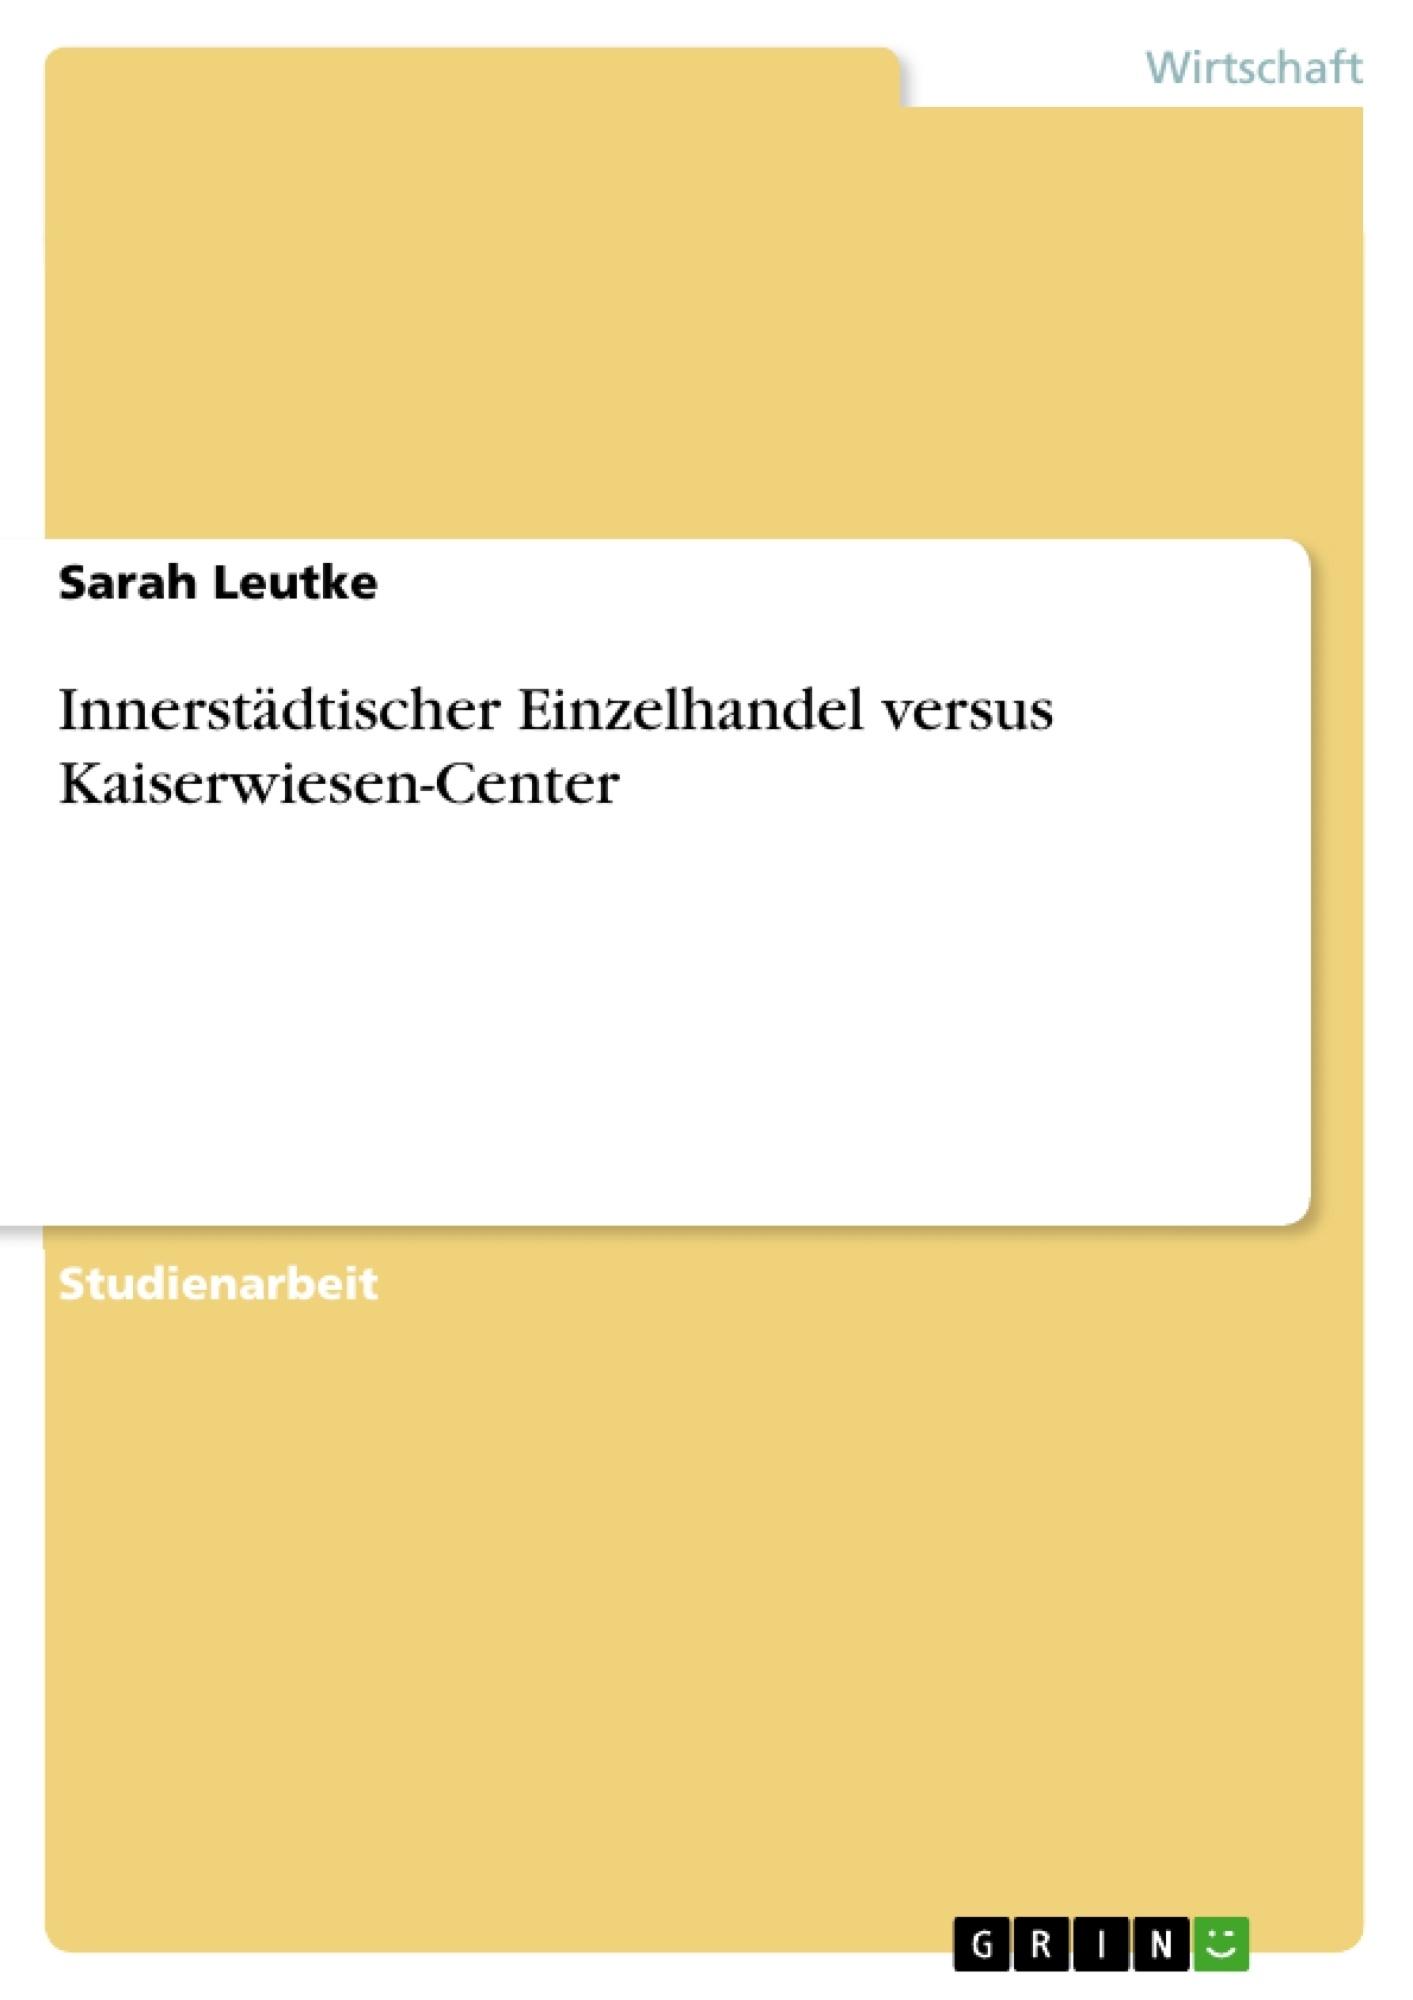 Titel: Innerstädtischer Einzelhandel versus Kaiserwiesen-Center